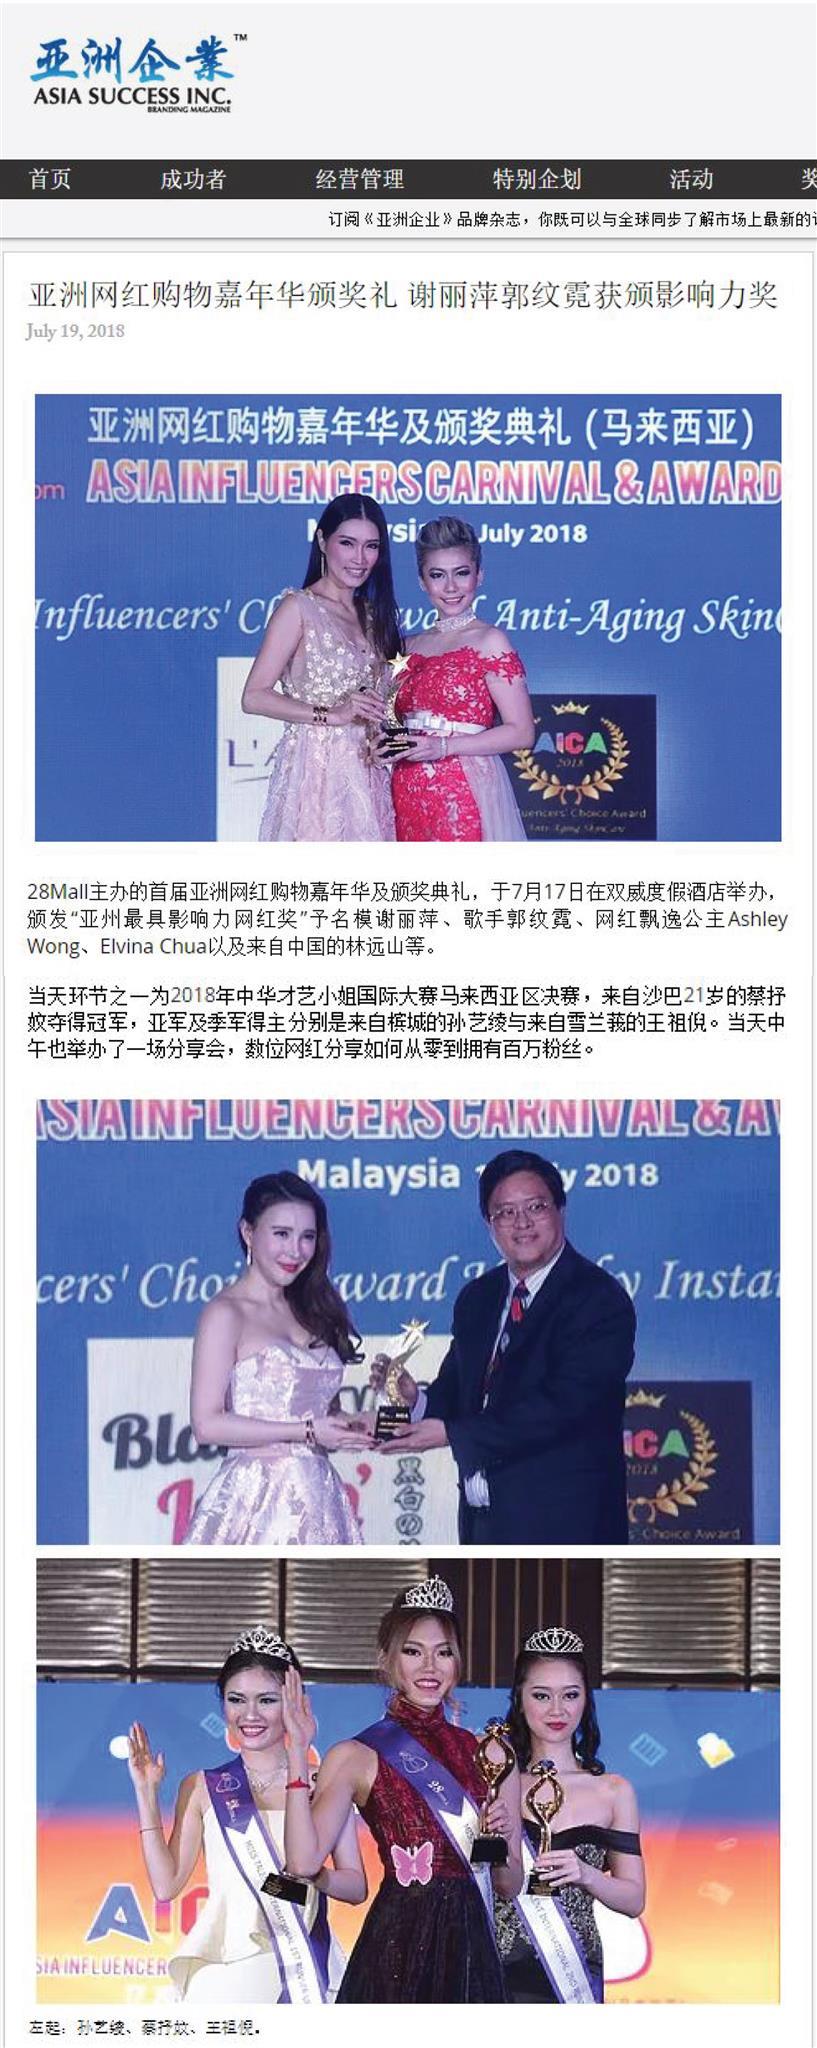 亚洲网红购物嘉年华颁奖礼 谢丽萍郭纹霓获颁影响力奖 by Asia Success Inc